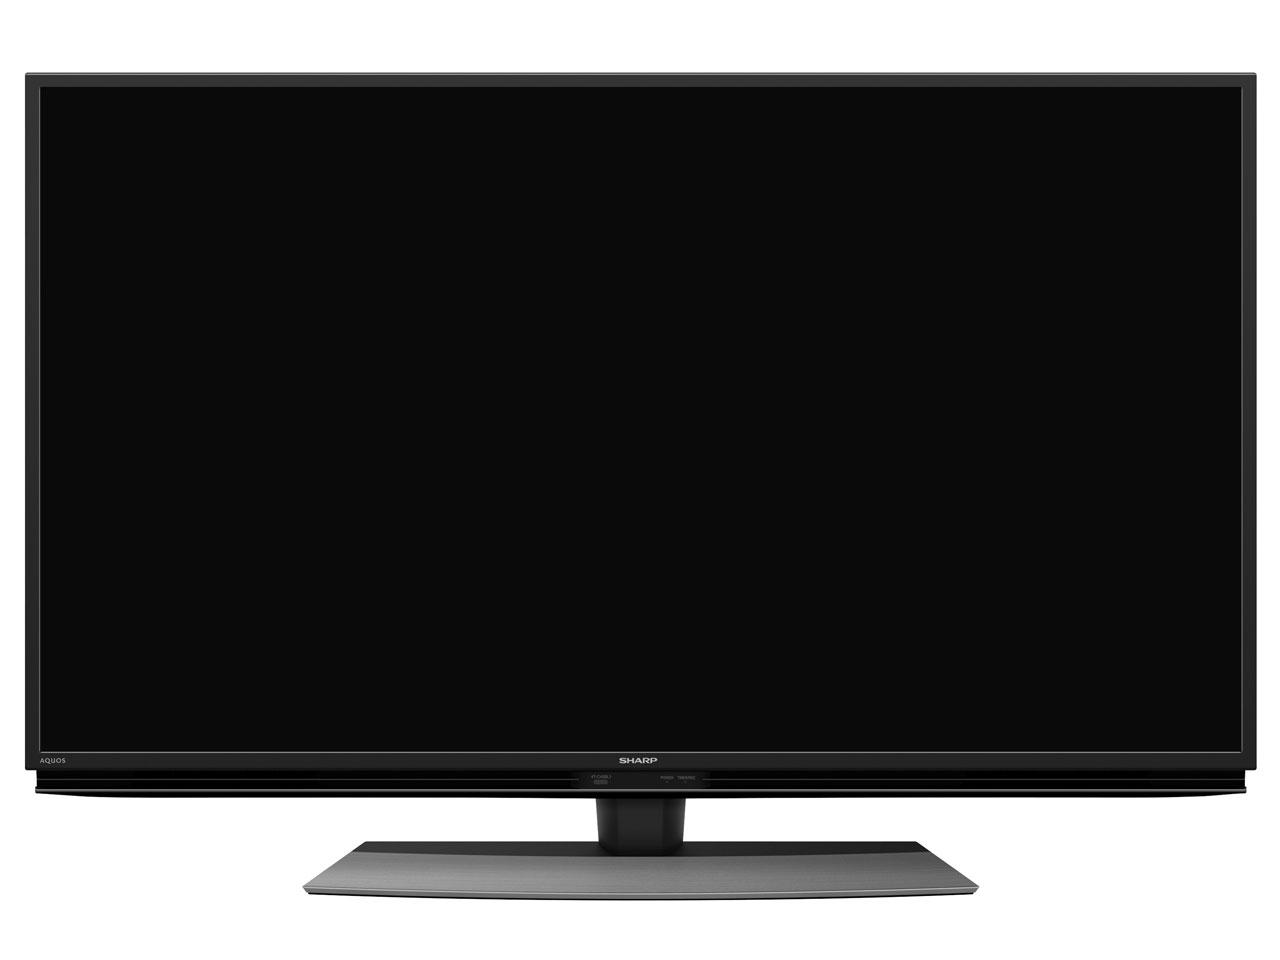 シャープ AQUOS 45V型地上・BS・110度CSデジタル4Kチューナー内蔵 LED液晶テレビ4T-C45BL1